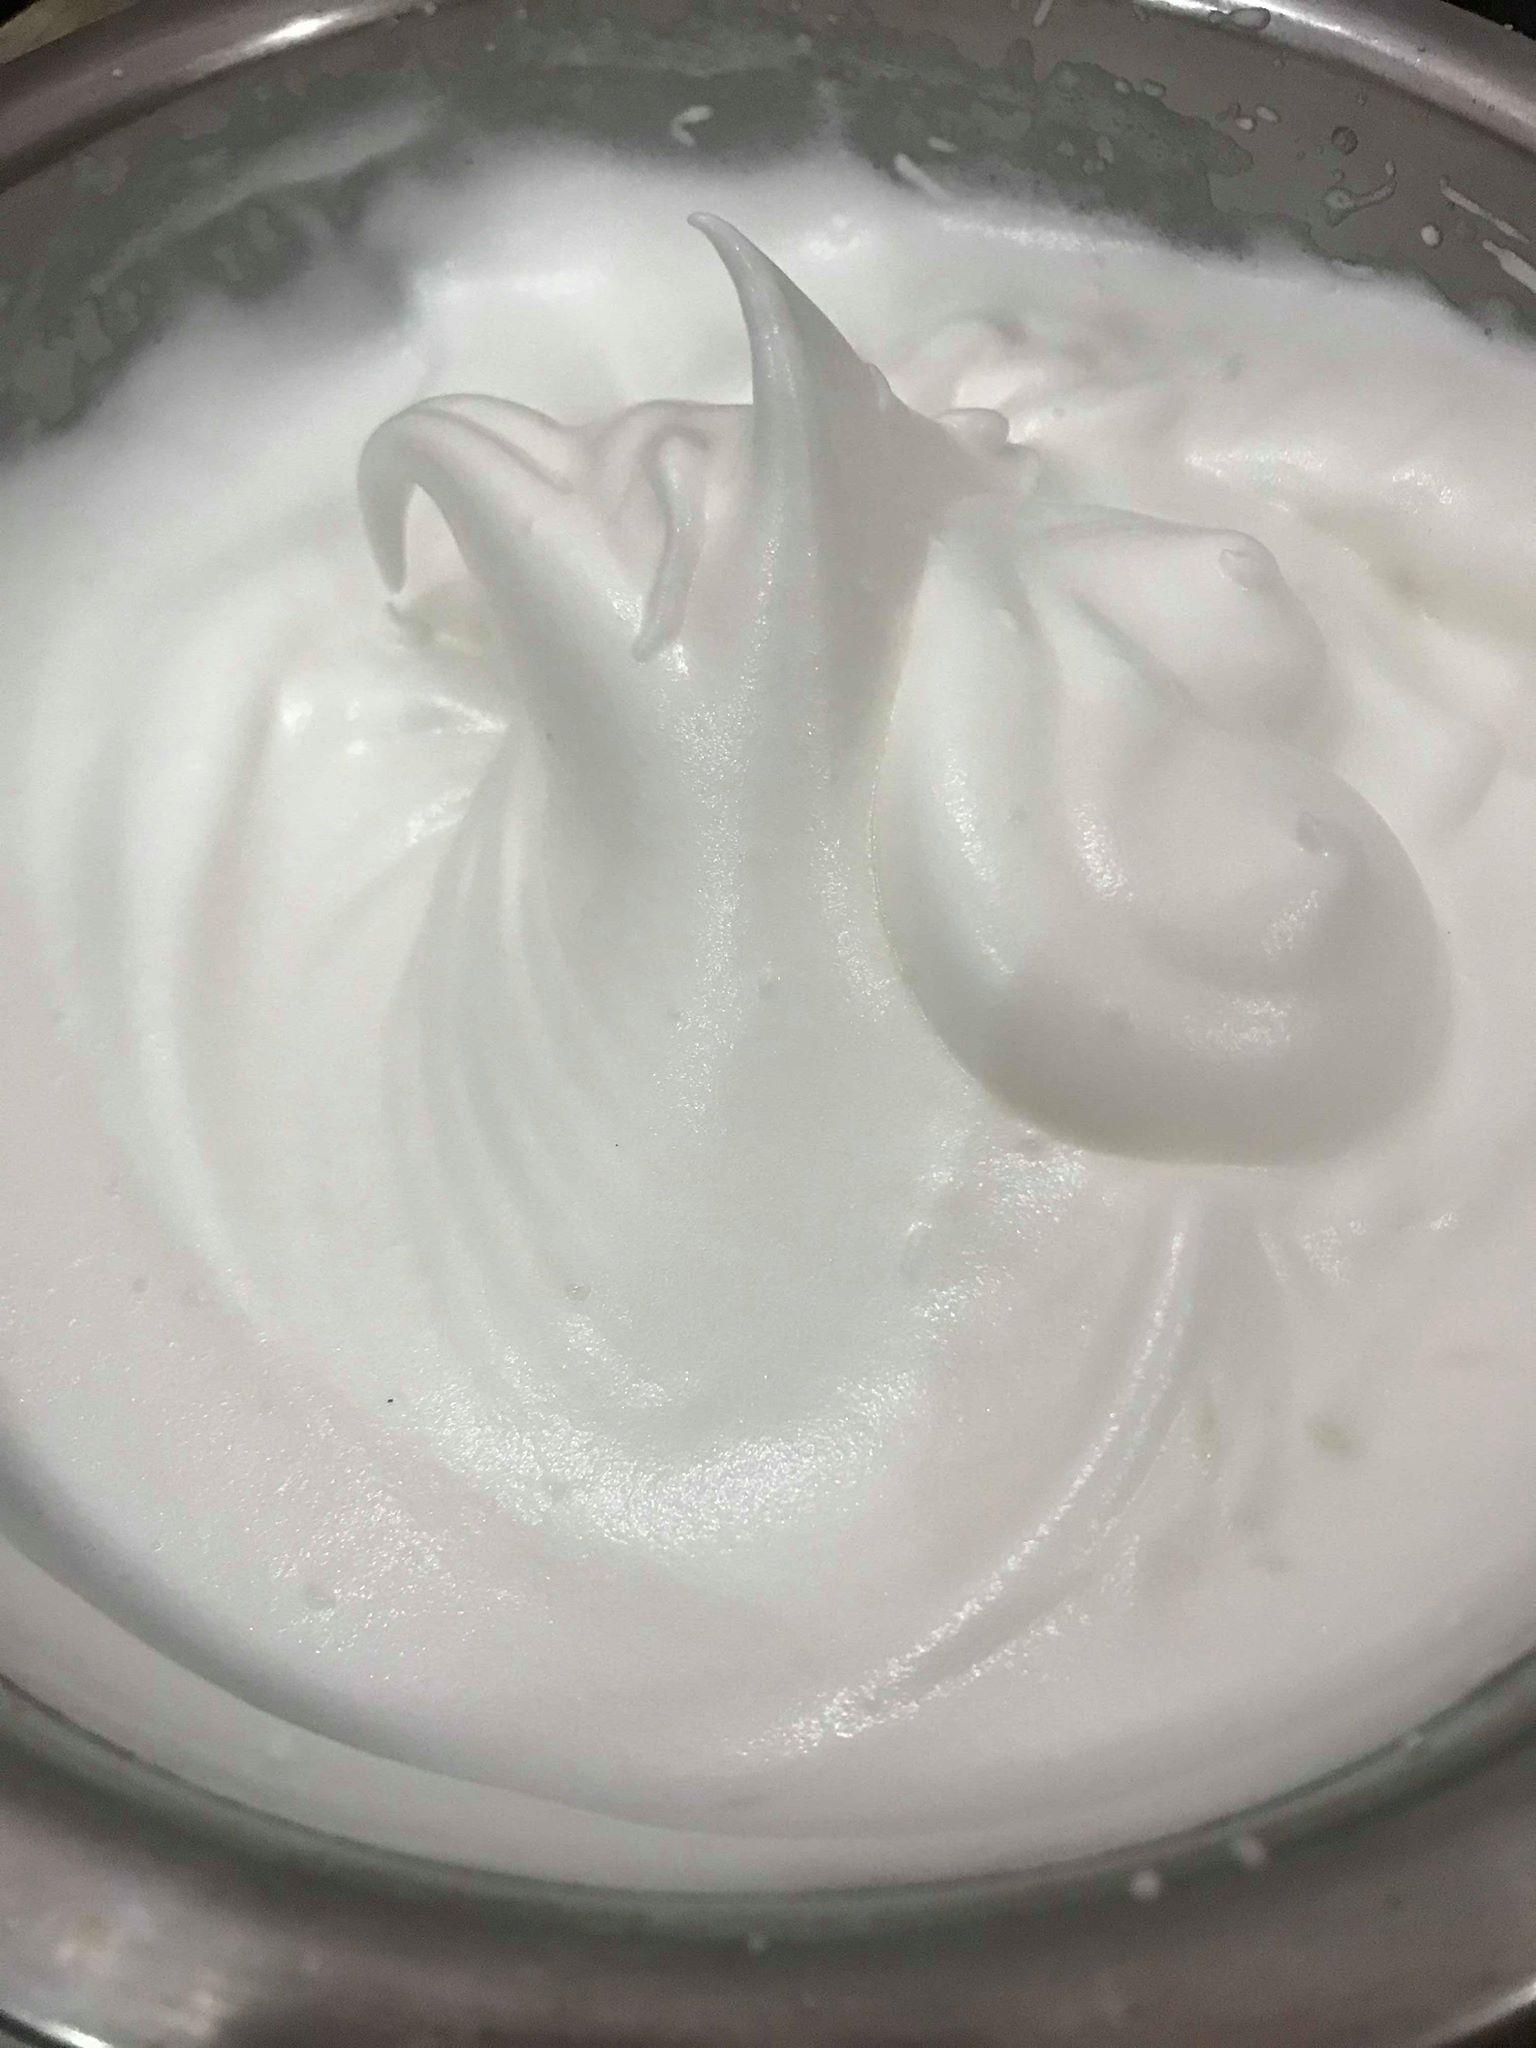 cách làm bánh bông lan trứng muối 5 cách làm bánh bông lan trứng muối Cách làm bánh bông lan trứng muối ngon đắm đuối cach lam banh bong lan trung muoi 5